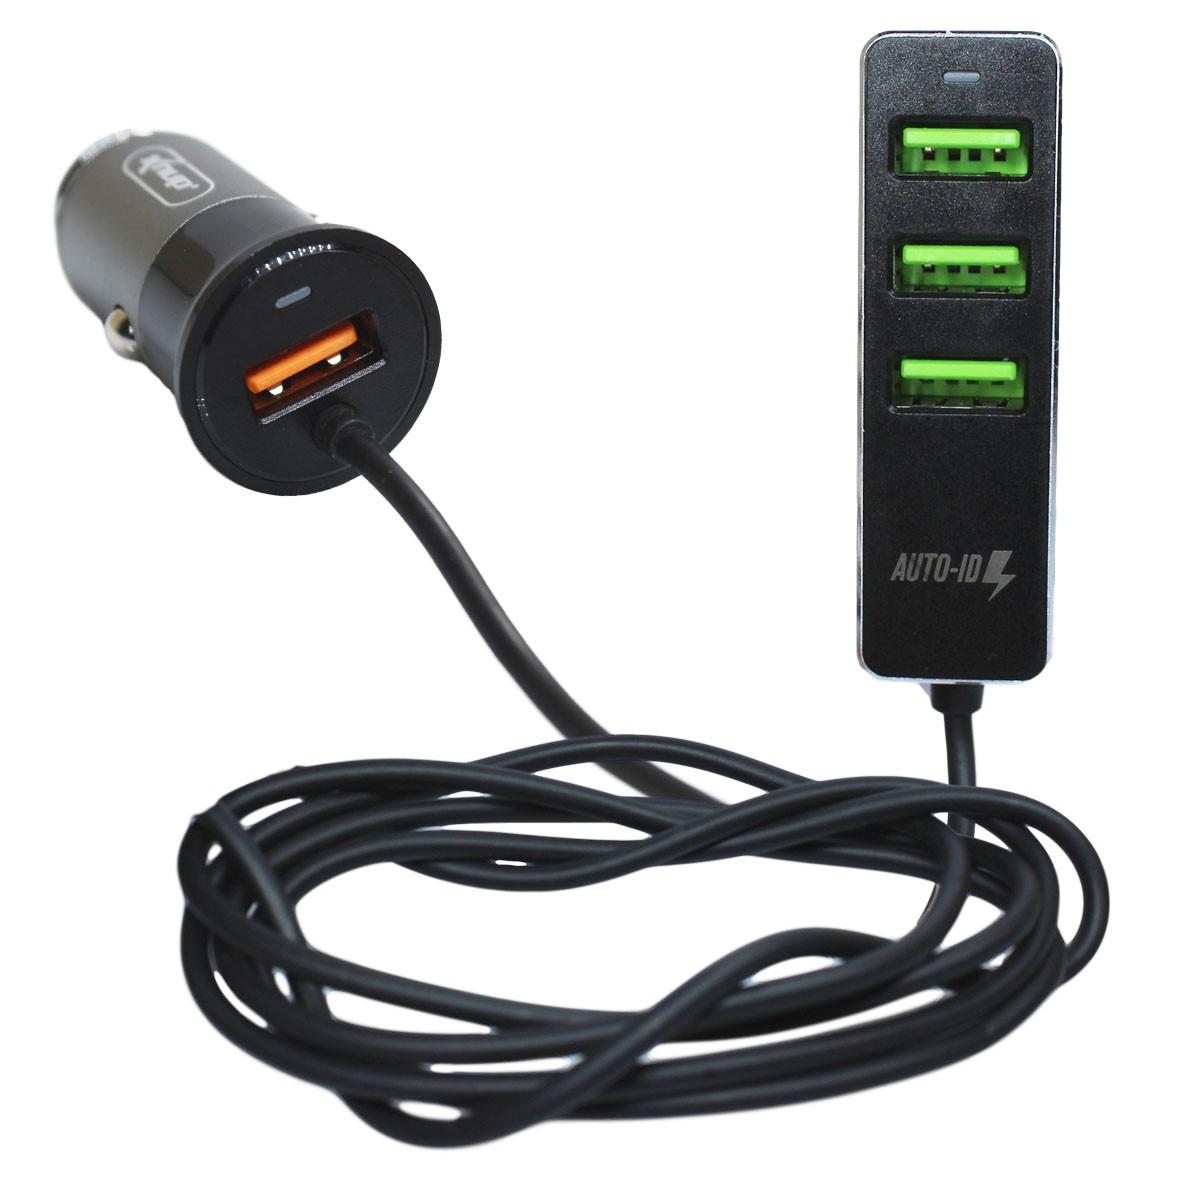 Carregador Celular Automotivo 4 Portas Usb